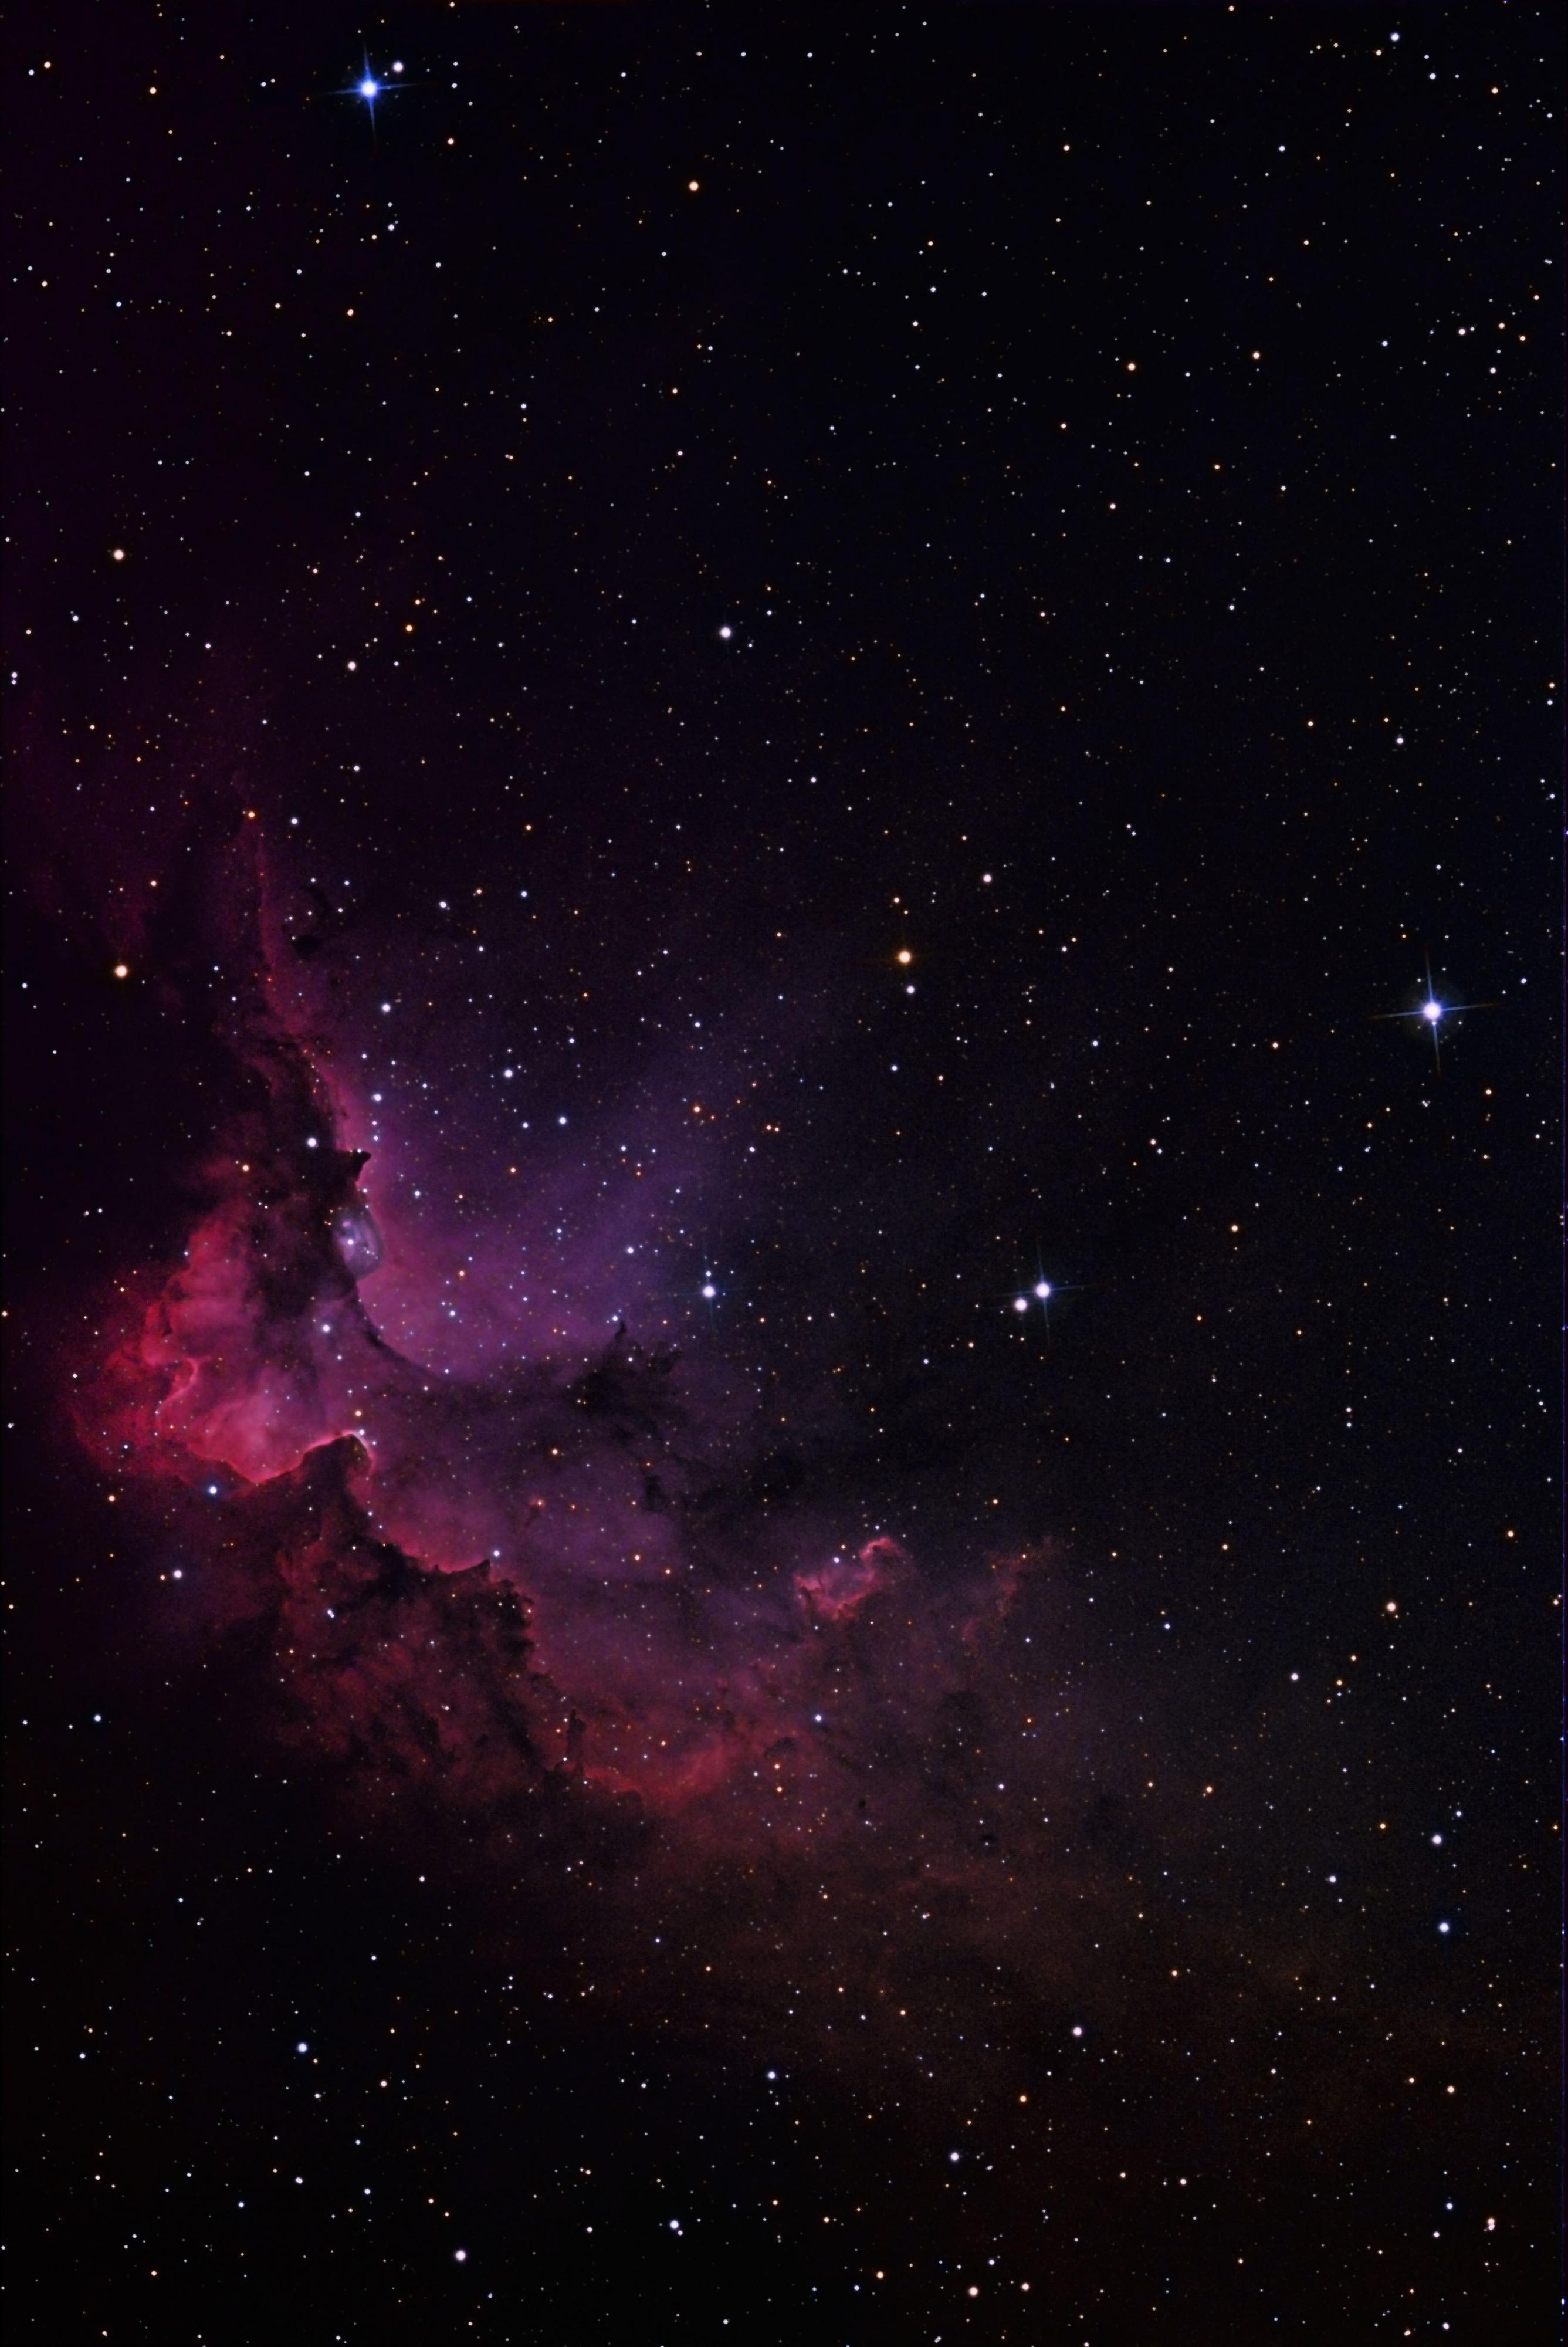 NGC7380_LH_RVB_siril_PS2.jpg